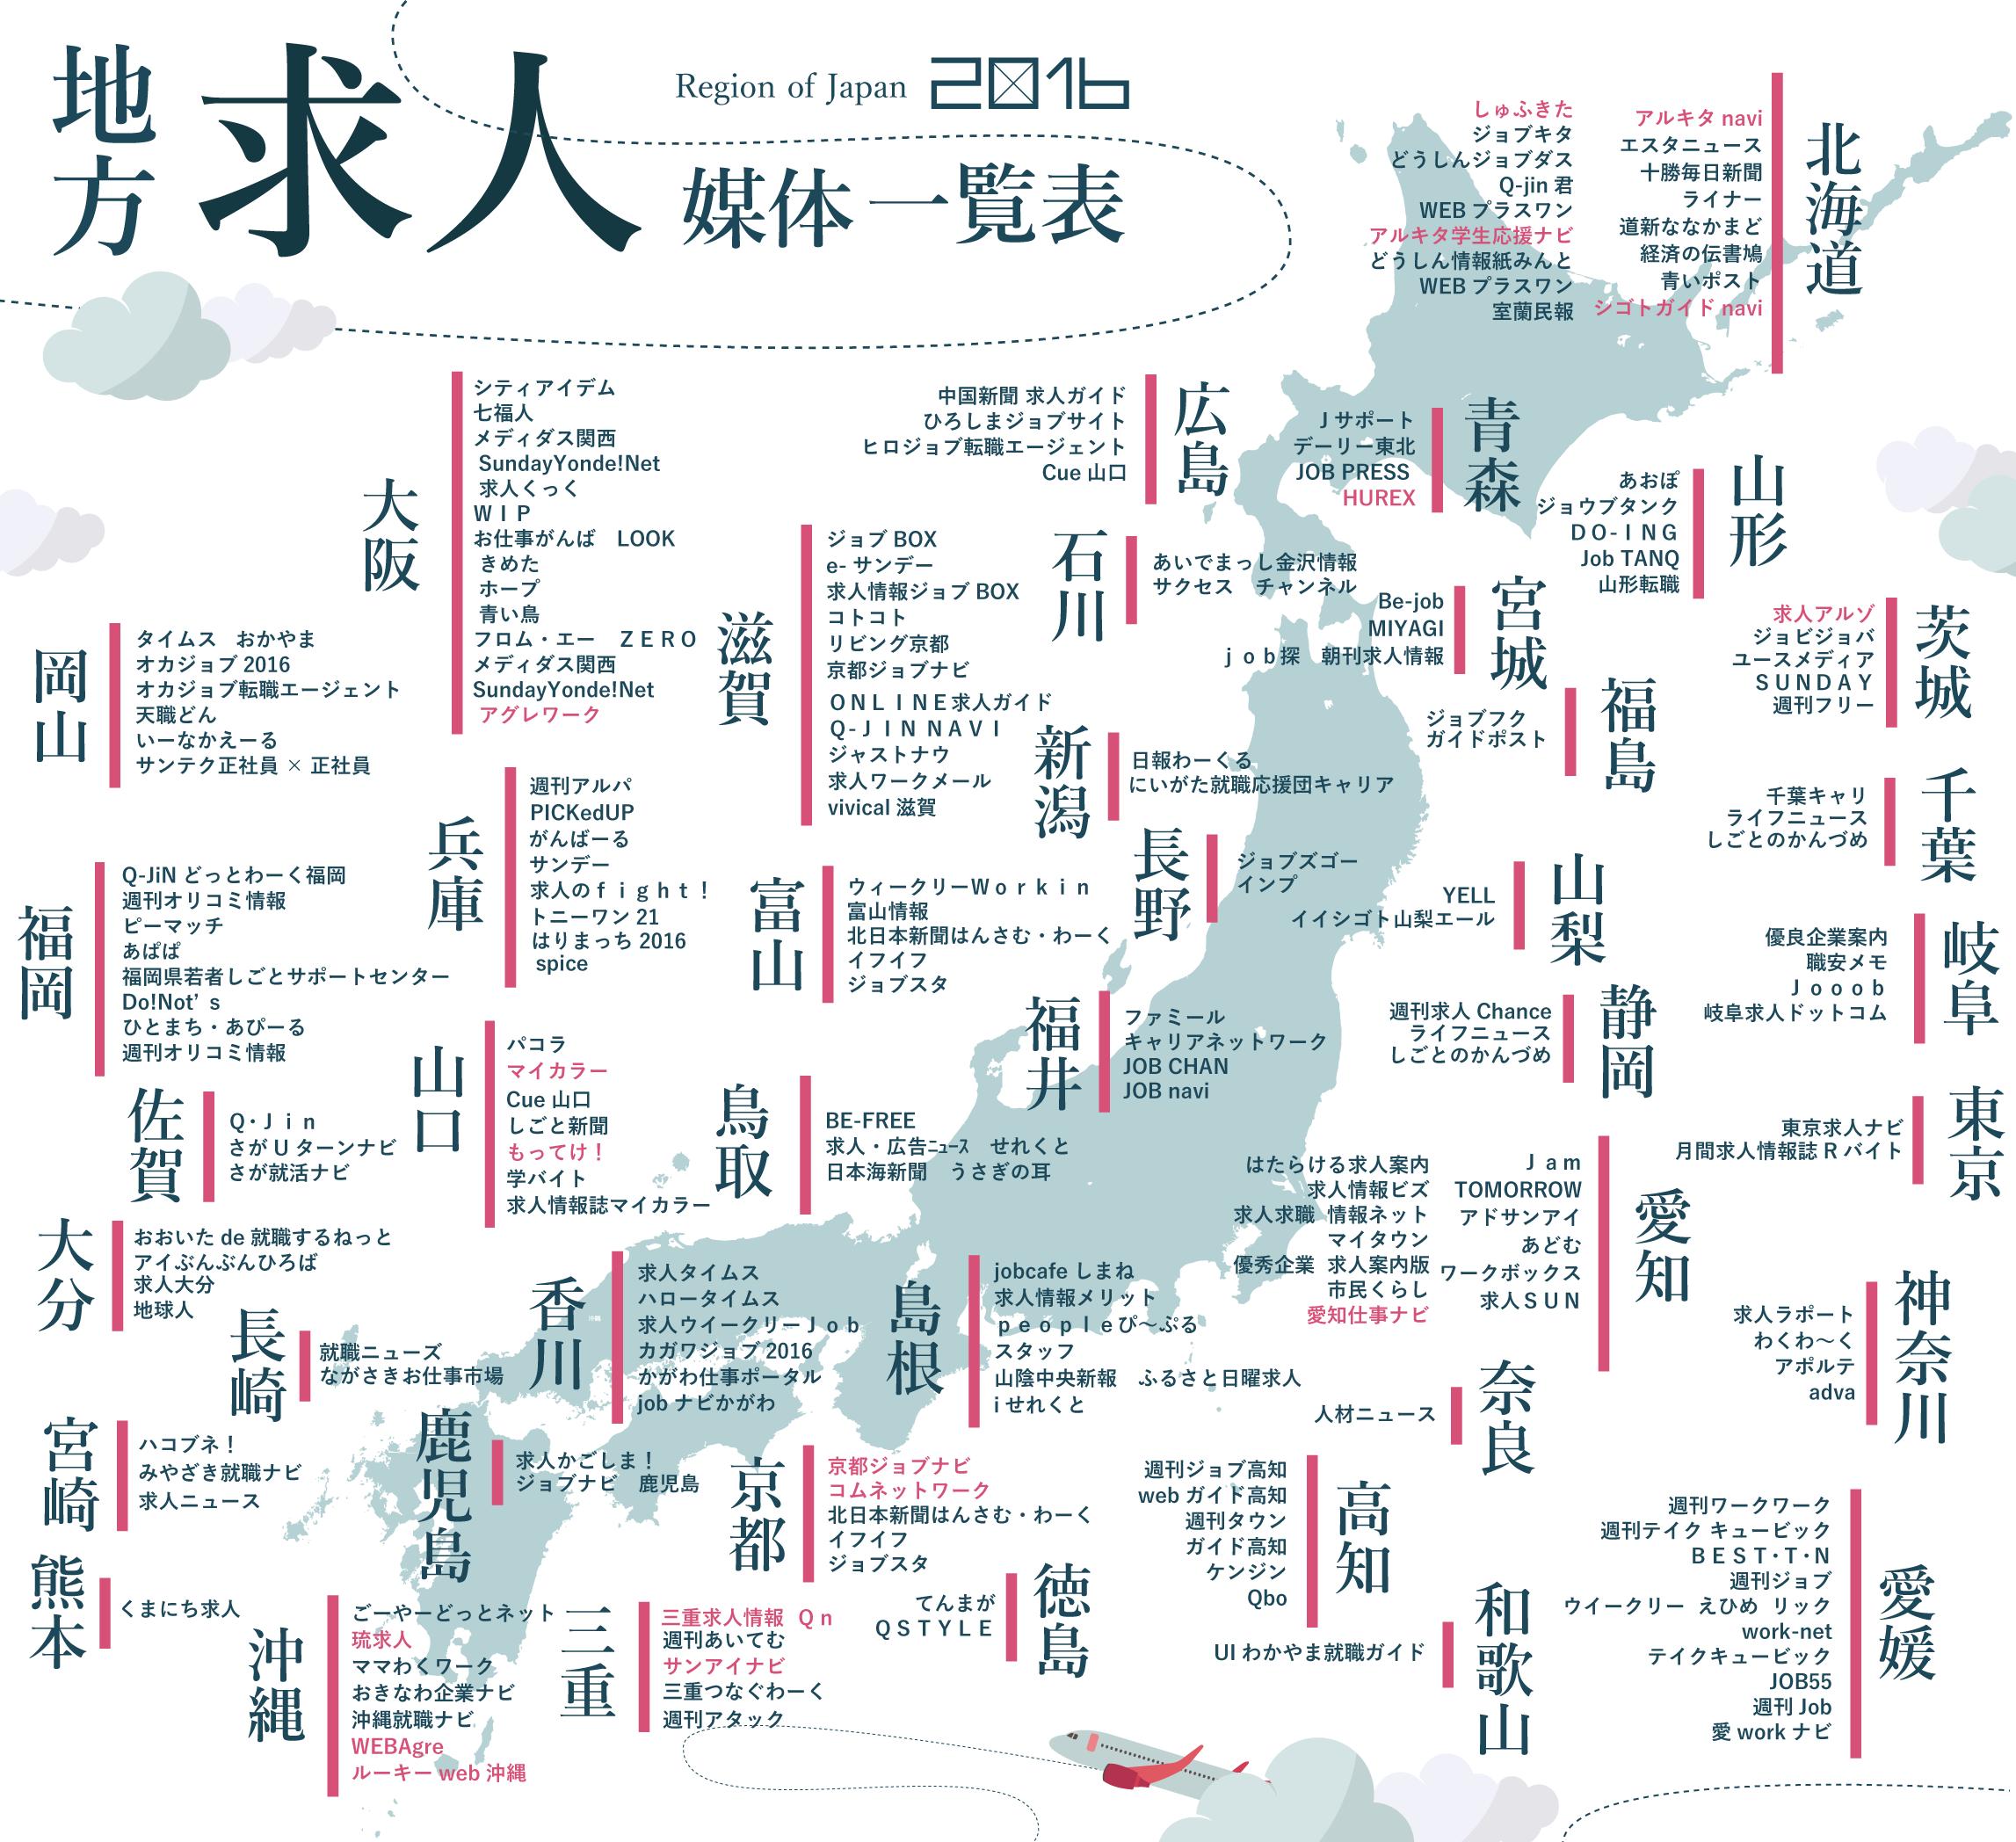 【47都道府県別】地方に強い求人媒体一覧表 - 2016年版